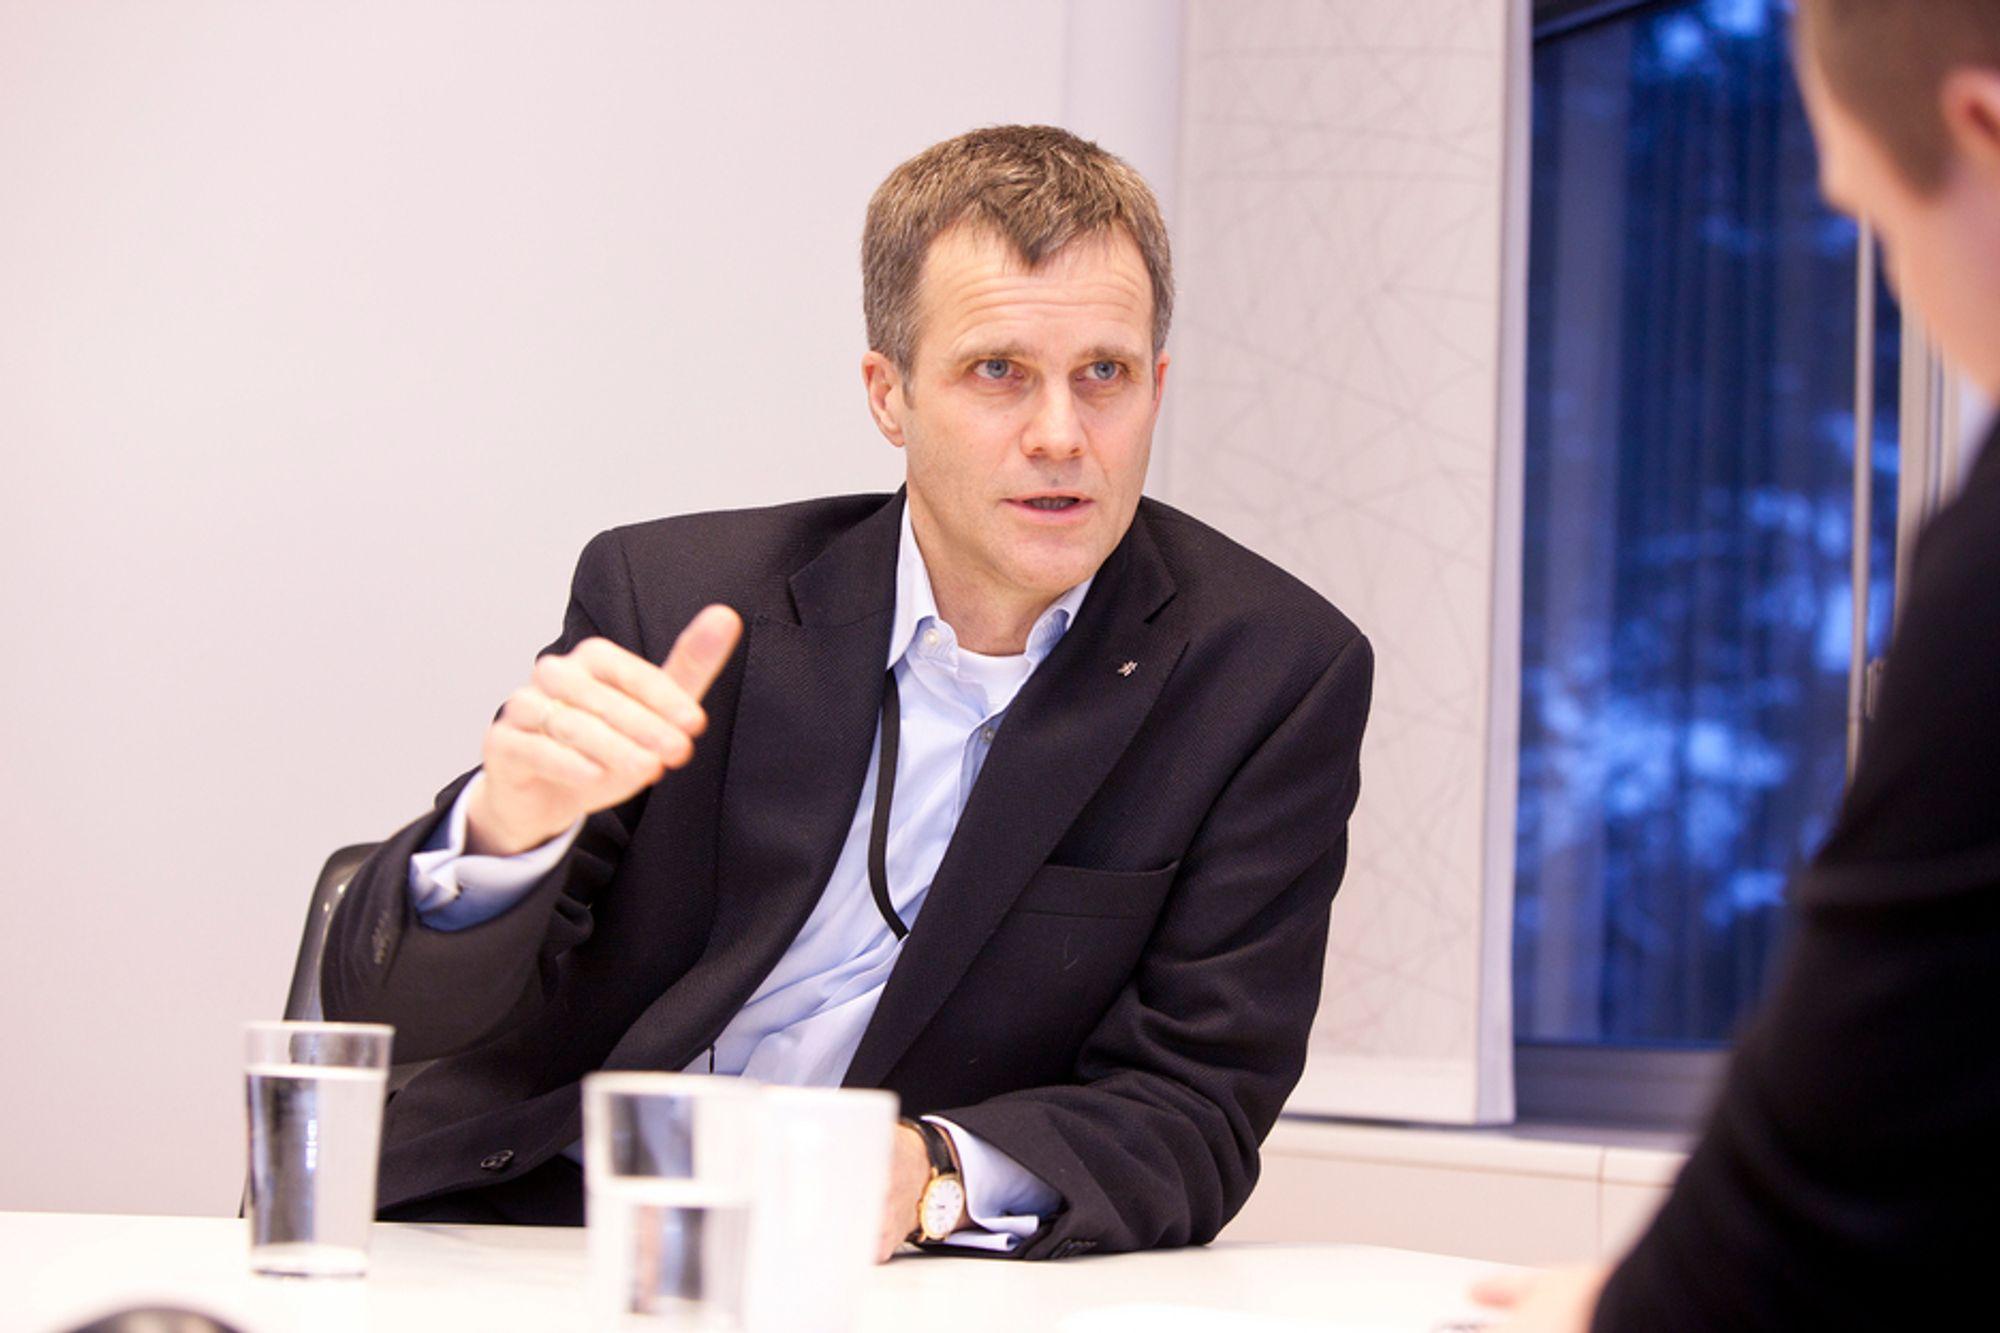 Statoil kommer til å investere i alle lønnsomme prosjekter her hjemme, sier Statoil-sjef Helge Lund i et eksklusivt intervju med Teknisk Ukeblad.